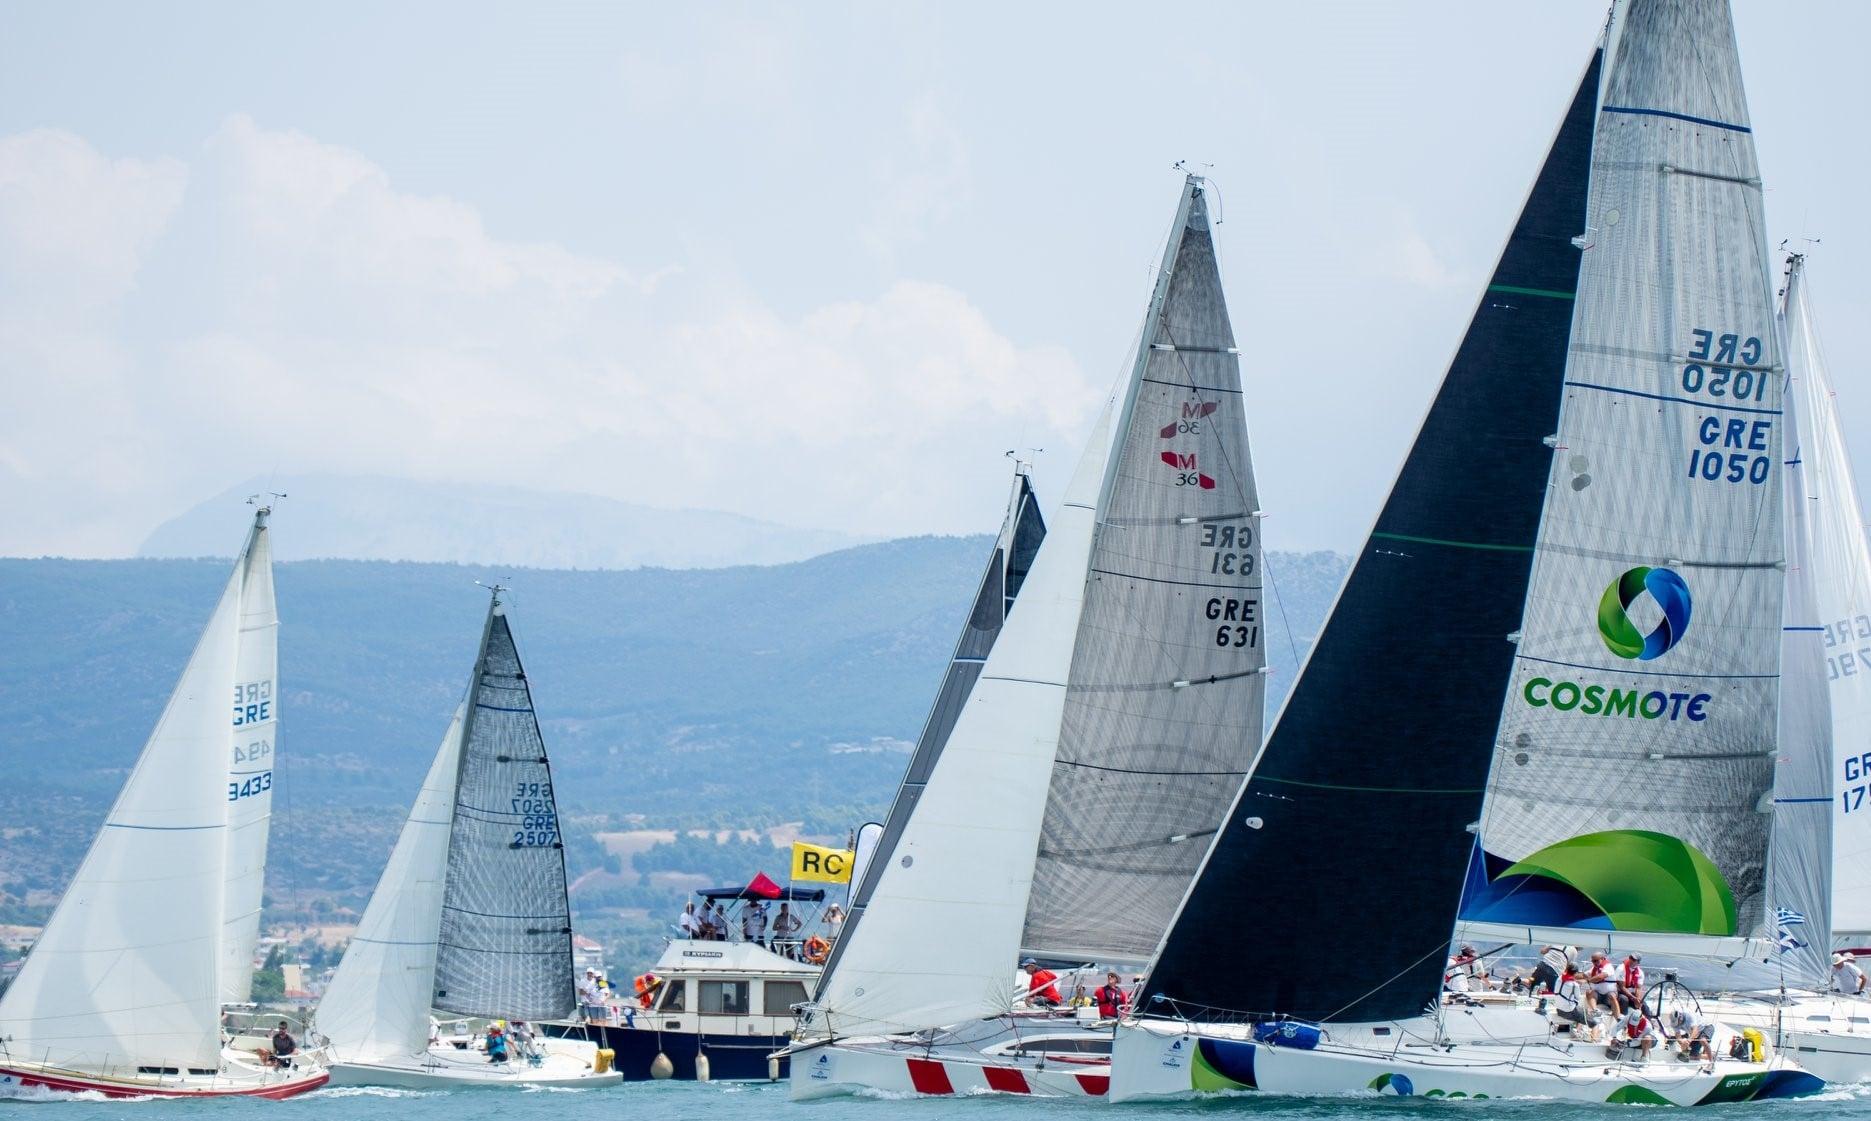 , Με μεγάλη επιτυχία το ξεκίνημα της Νήσος Εύβοια Regatta 2020 [ΦΩΤΟΓΡΑΦΙΕΣ], Eviathema.gr | ΕΥΒΟΙΑ ΝΕΑ - Νέα και ειδήσεις από όλη την Εύβοια